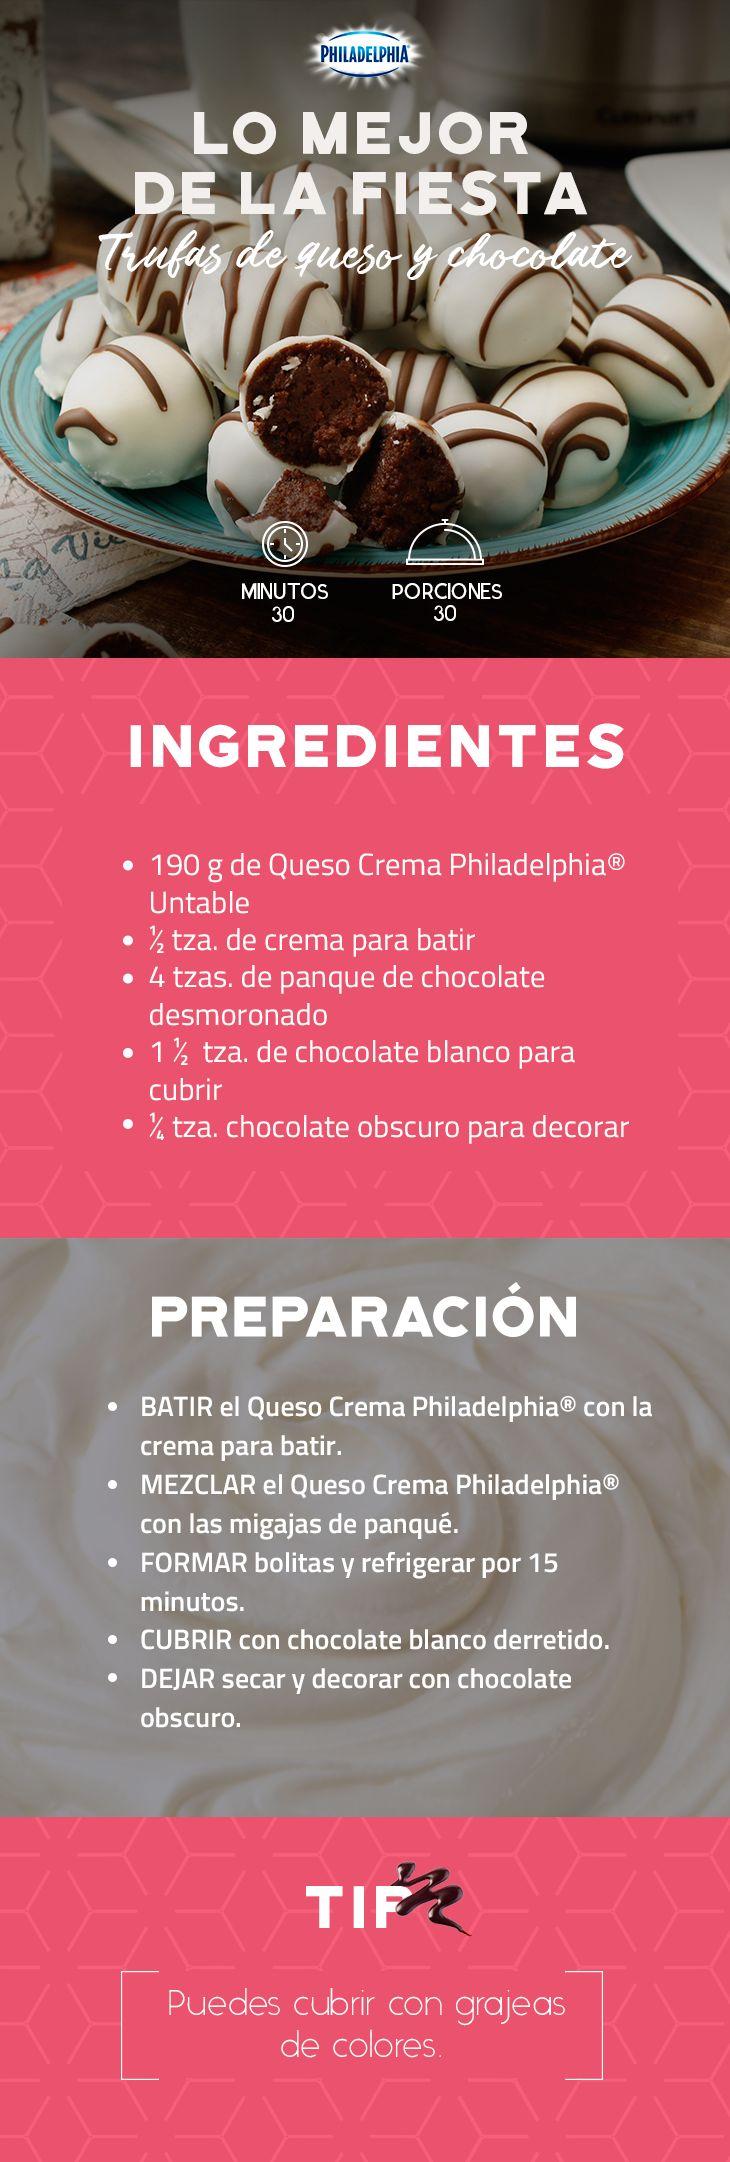 ¿Tienes algún evento próximo? Prepara estos ricos detalles de sabor a tus invitados, les encantarán. #queso #quesocrema #Philadelphia #fiesta #bautizo #babyshower #receta #trufas #postre #dulces